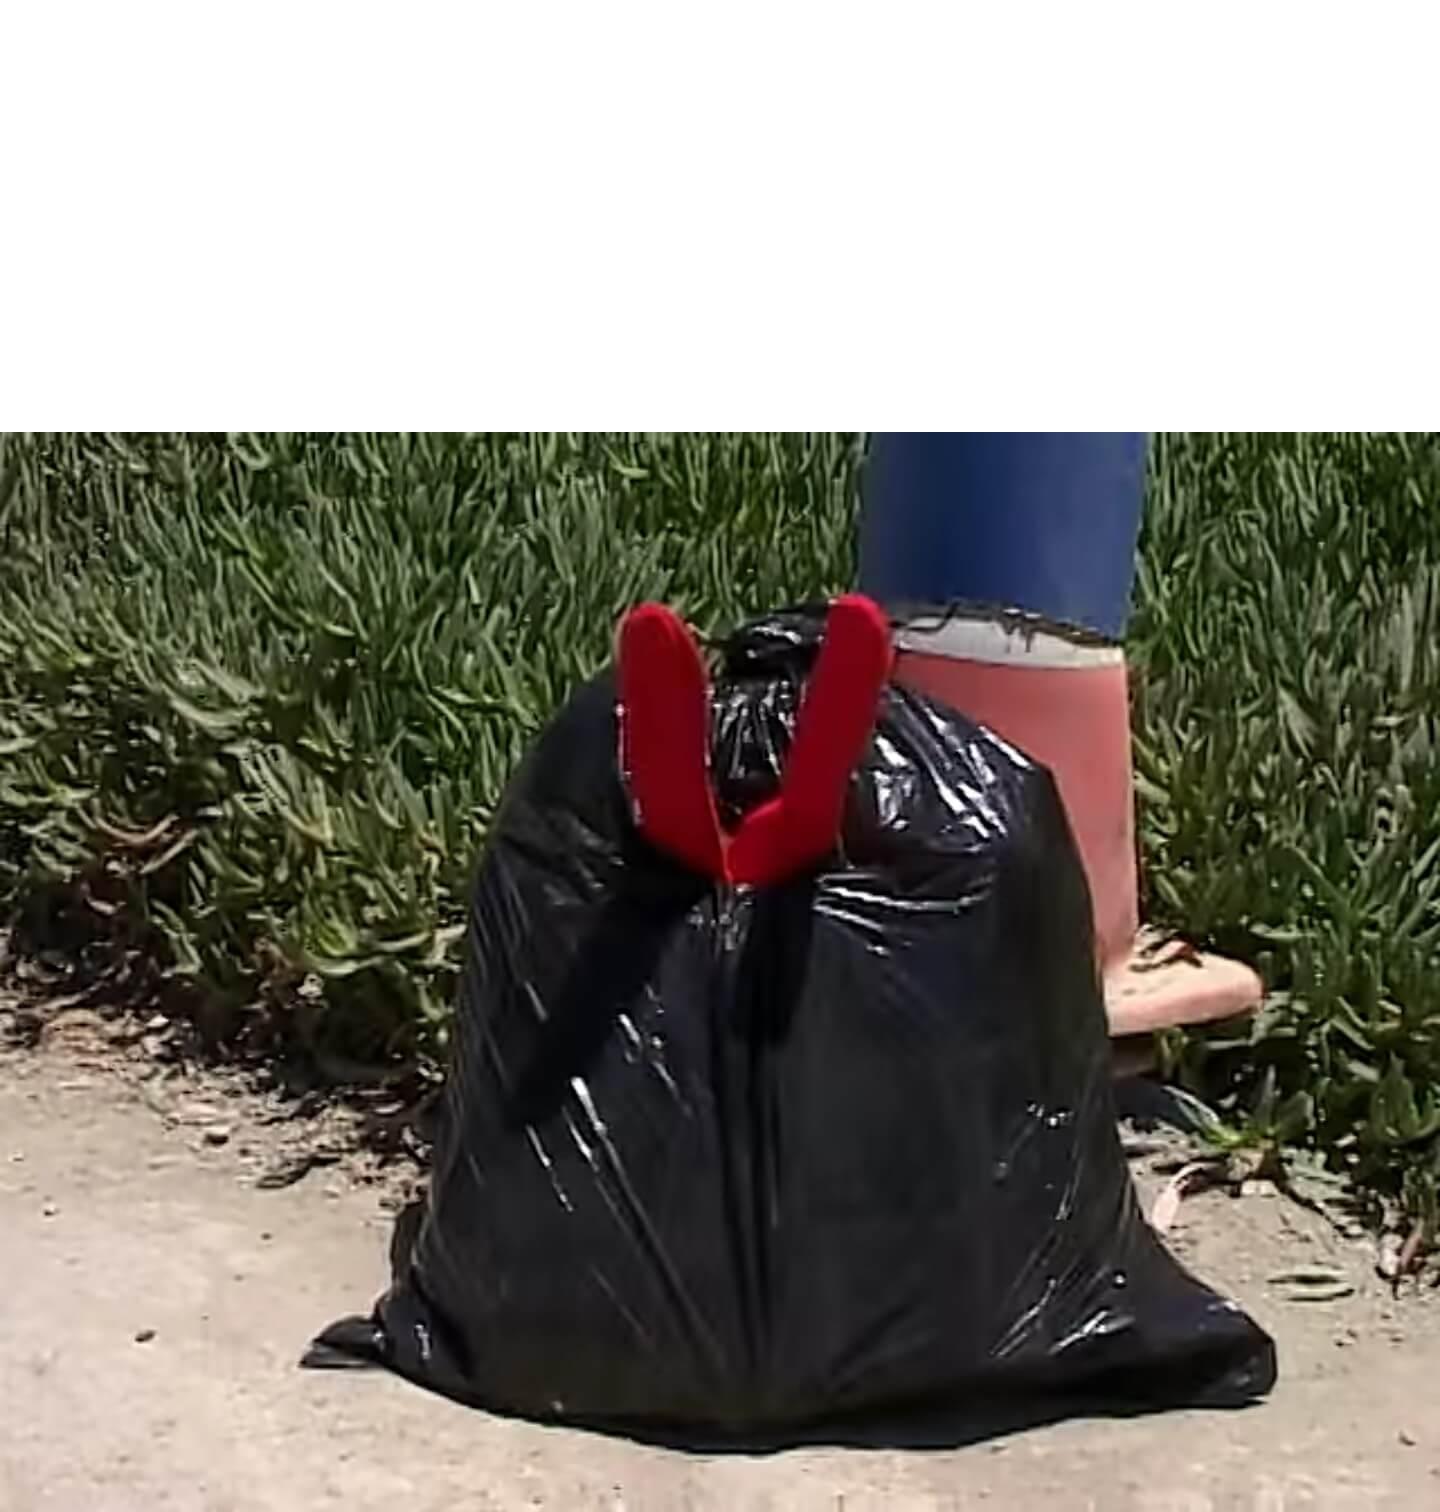 Plantilla de Por razones que desconozco, terminé adentro de esta bolsa de basura